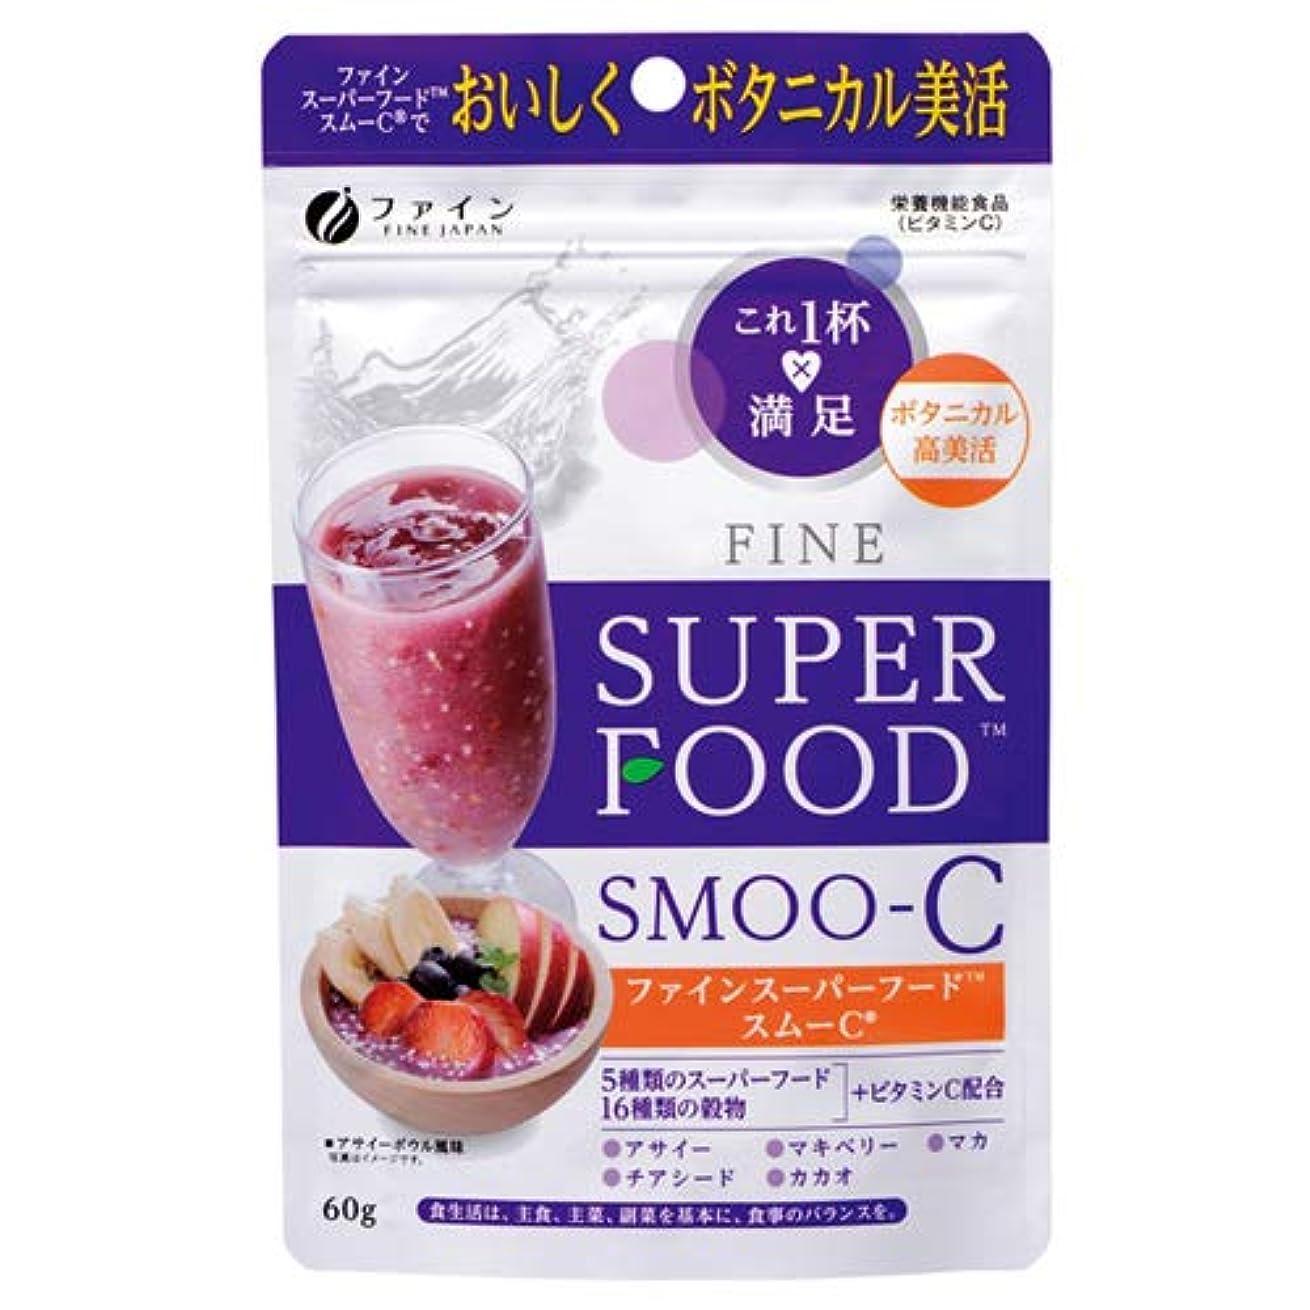 テザー酸素バリケードファイン スーパーフード スムーC 60g 【50袋組】